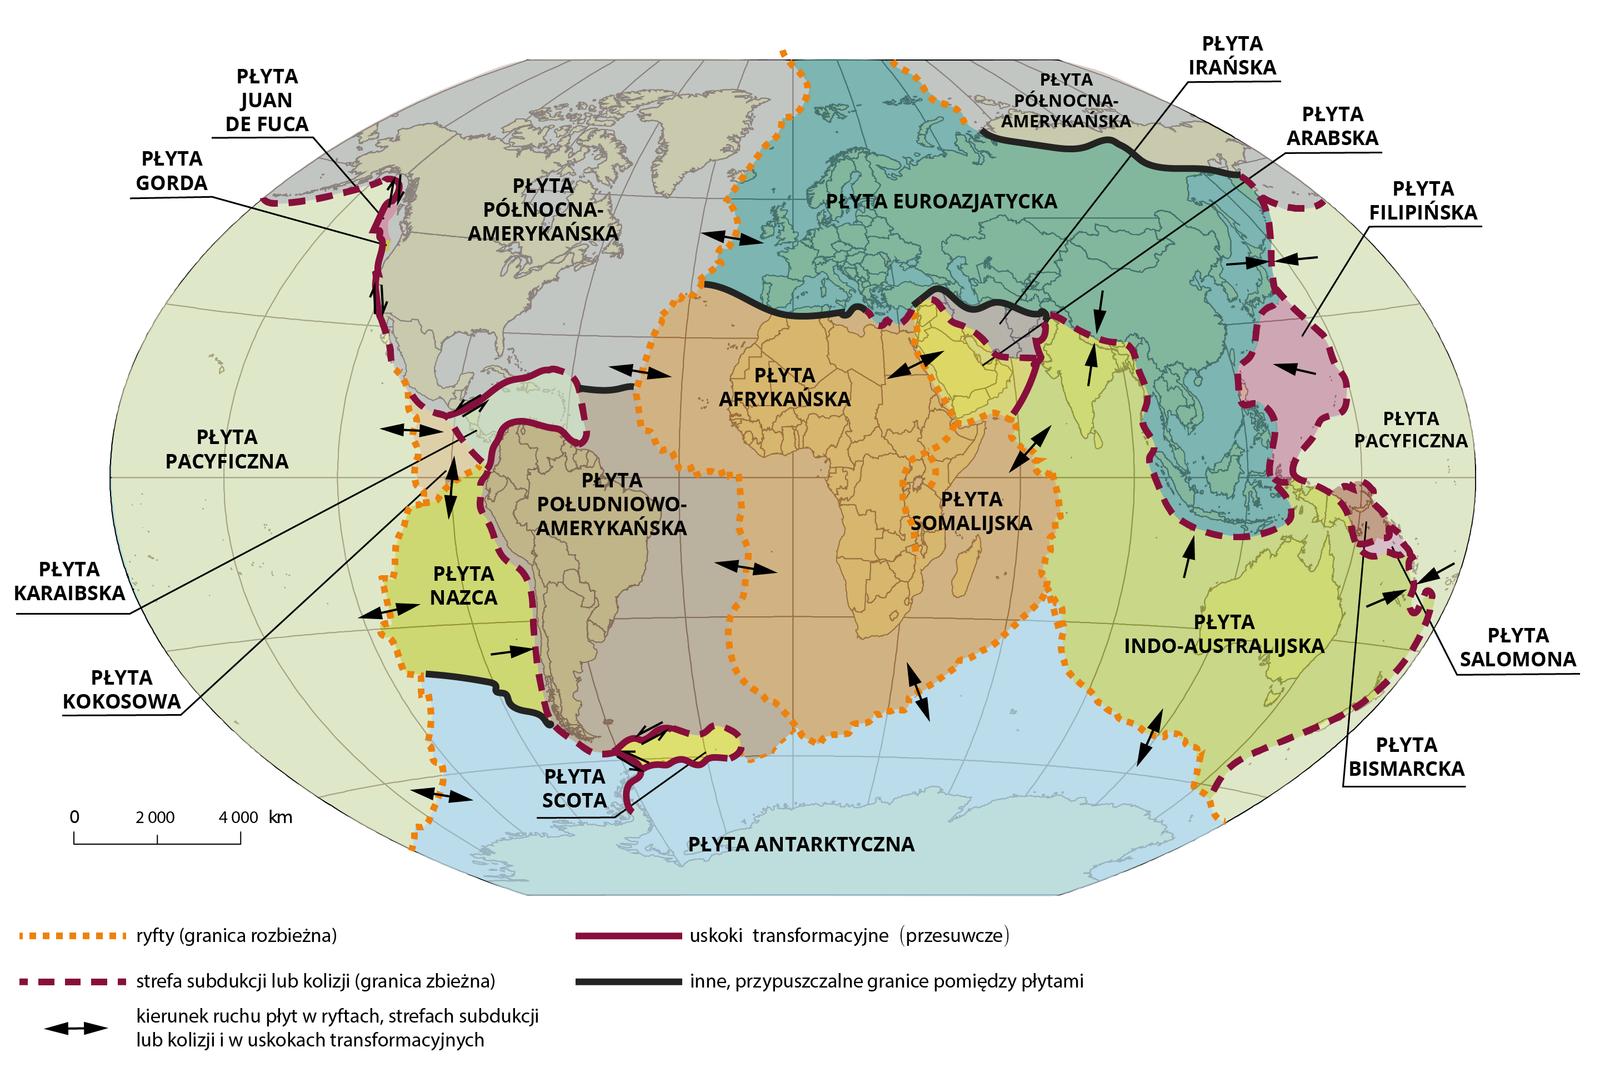 Na mapie świata zaznaczono zasięg płyt tektonicznych. Od lewej strony: płyta pacyficzna graniczy po prawej stronie zpłytą północnoamerykańską, zpłytą kokosową, płytą Nazca. Płyta południowoamerykańska graniczy po prawej stronie zpłytą afrykańską, ana zachodzie zpłytą Nazca. Płyta północnoamerykańska styka się zpłytą afrykańską ieuroazjatycką. Wśrodku pomiędzy płytą euroazjatycką, afrykańską iindoaustralijską leży płyta arabska. Płyta euroazjatycka przylega do płyty północnoamerykańskiej, płyty pacyficznej, płyty filipińskiej oraz wspomnianej płyty indoaustralijskiej. Na południu płyta antarktyczna graniczy znastępującymi płytami: pacyficzną, Nazca,  południowoamerykańską, afrykańską, indoaustralijską.